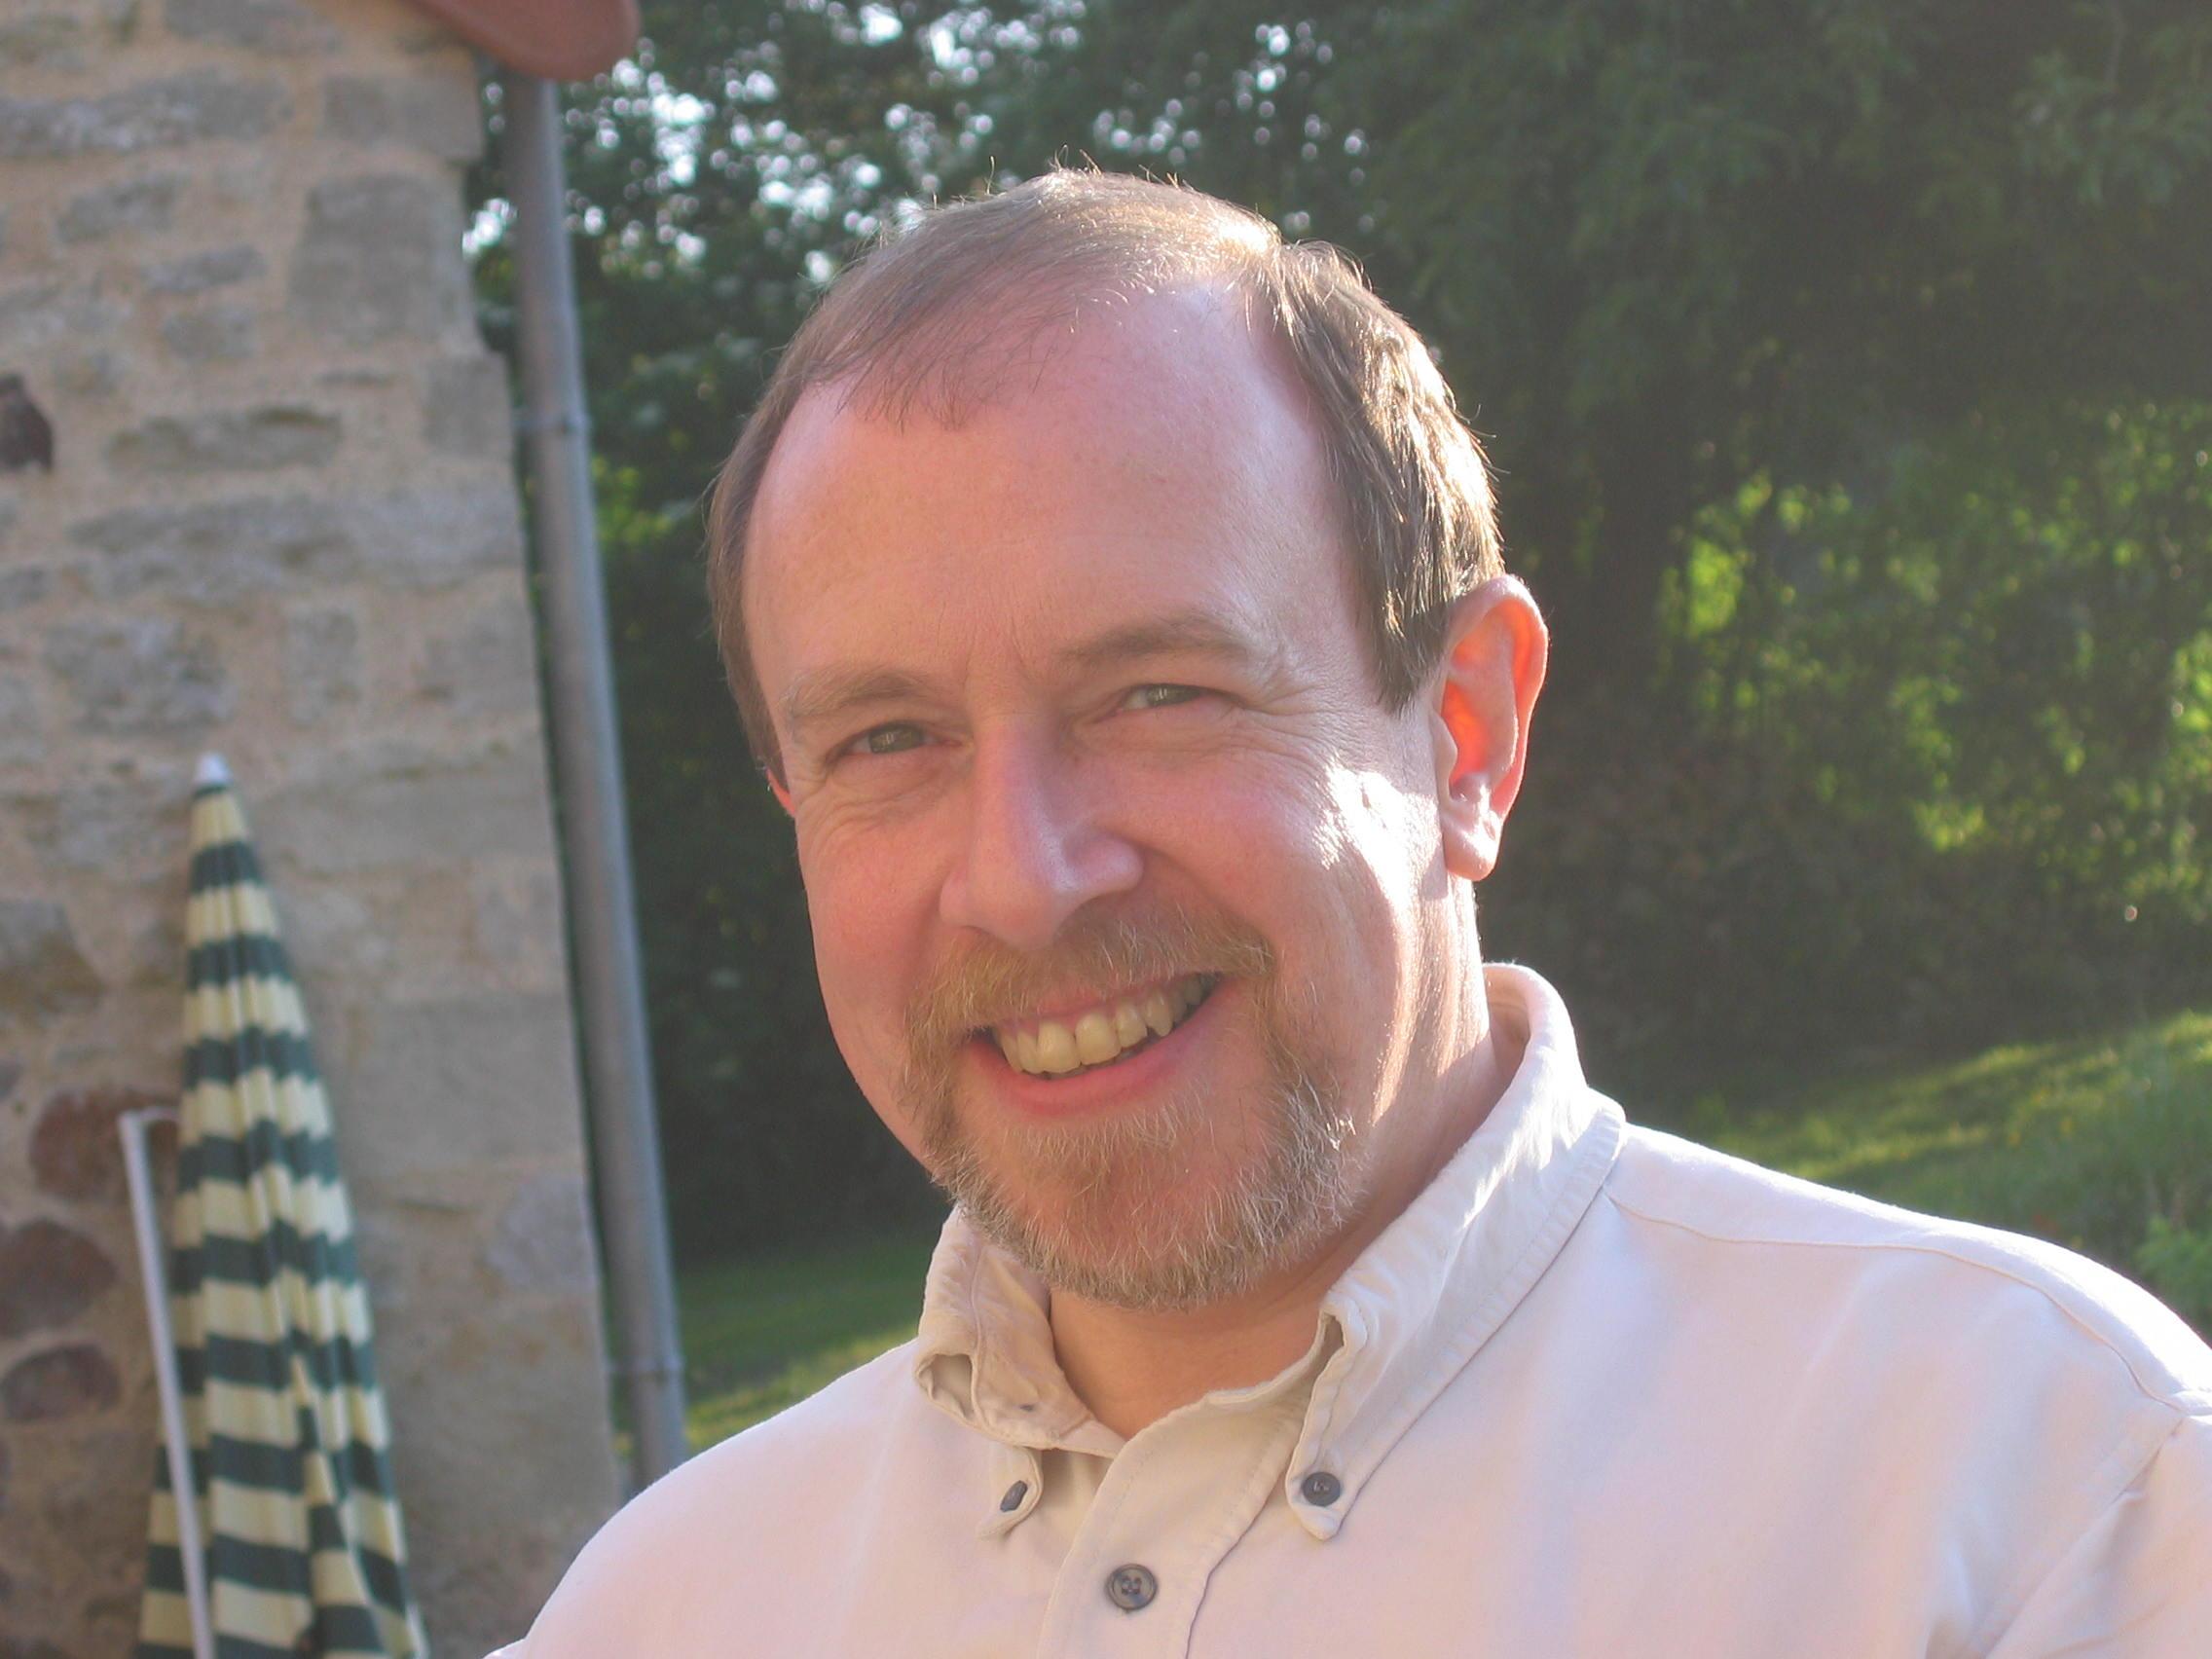 Derek Warby